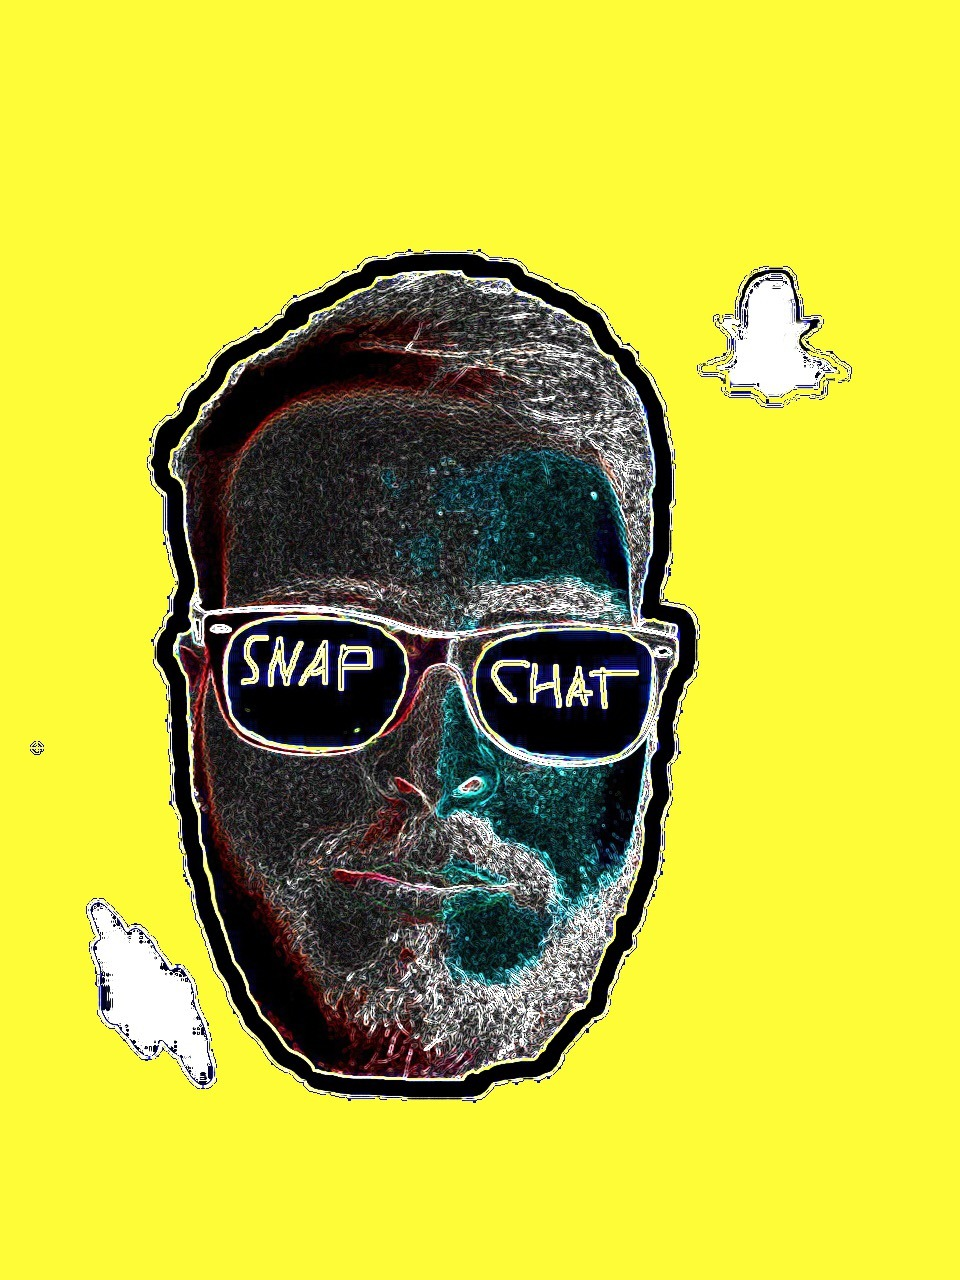 Alles auf Snapchat?!